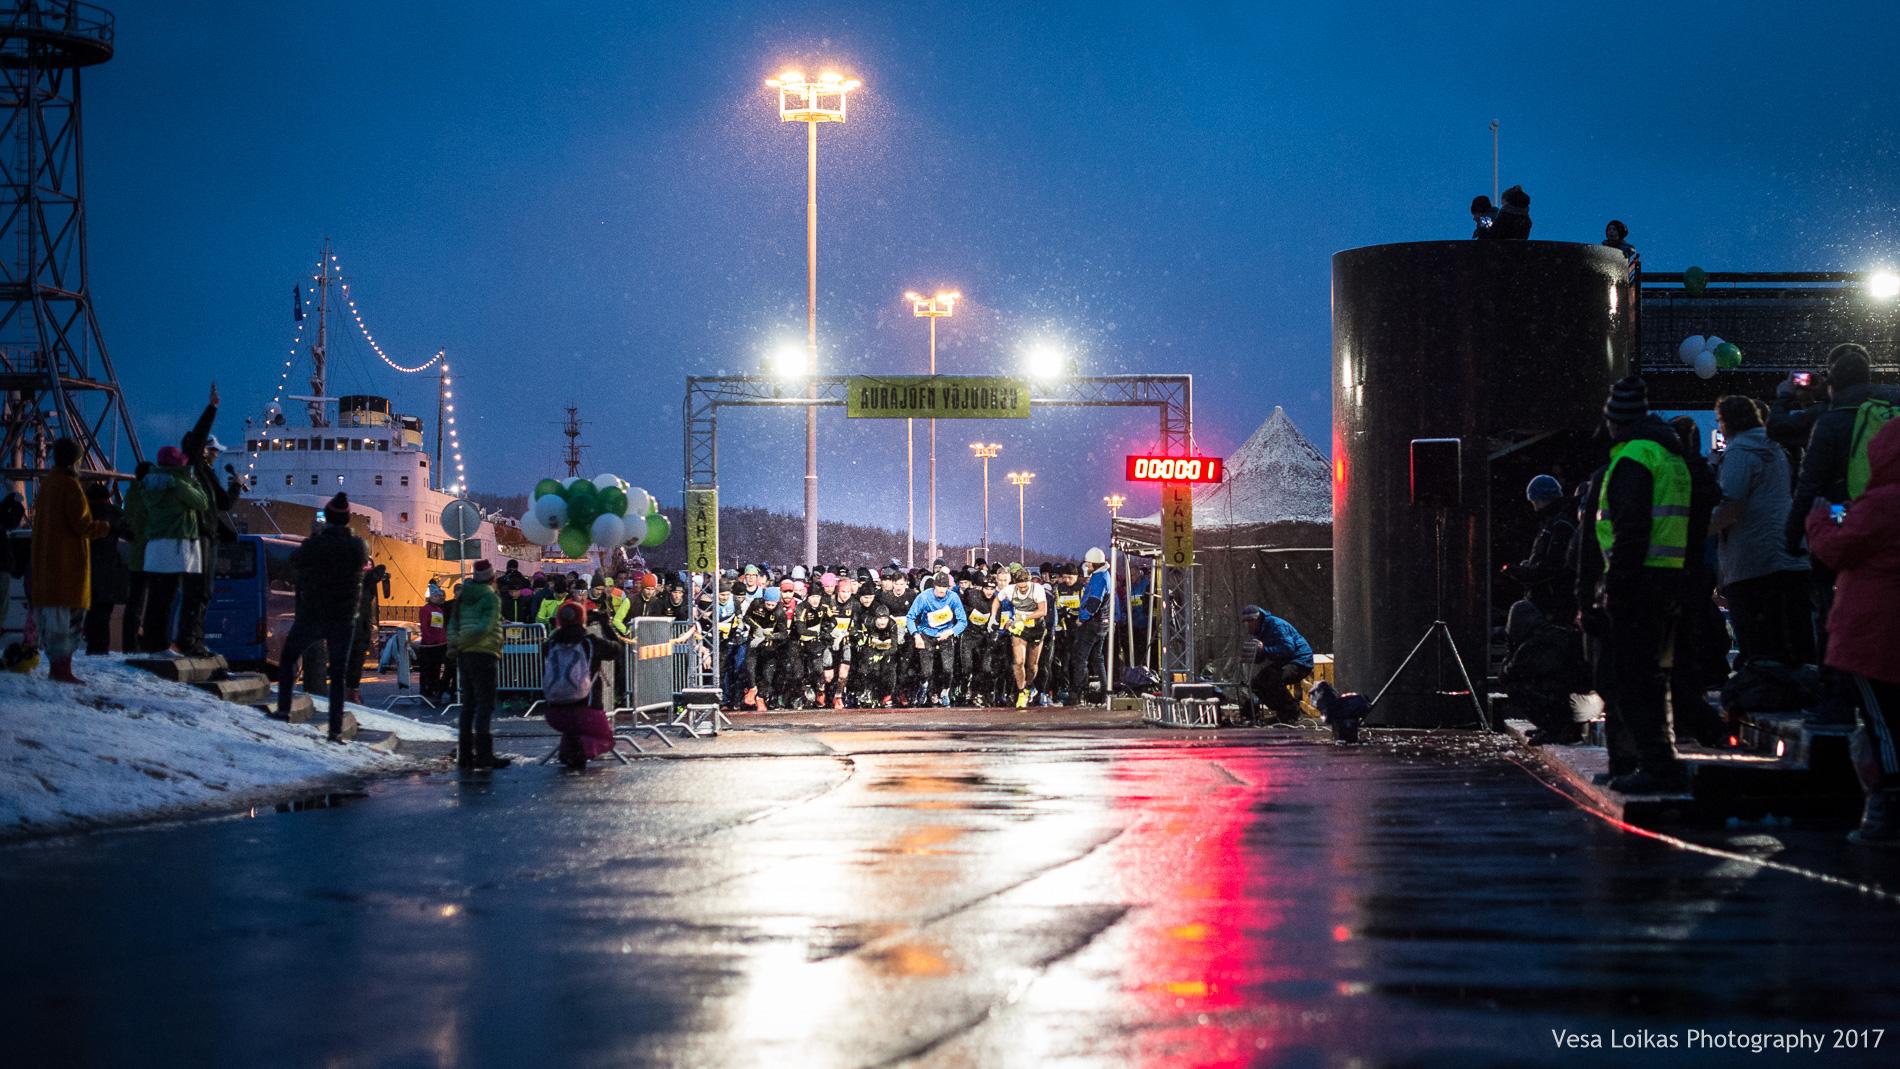 Aurajoen yöjuoksu 2017 lähtö | Aurajoki Night Run 2017 start